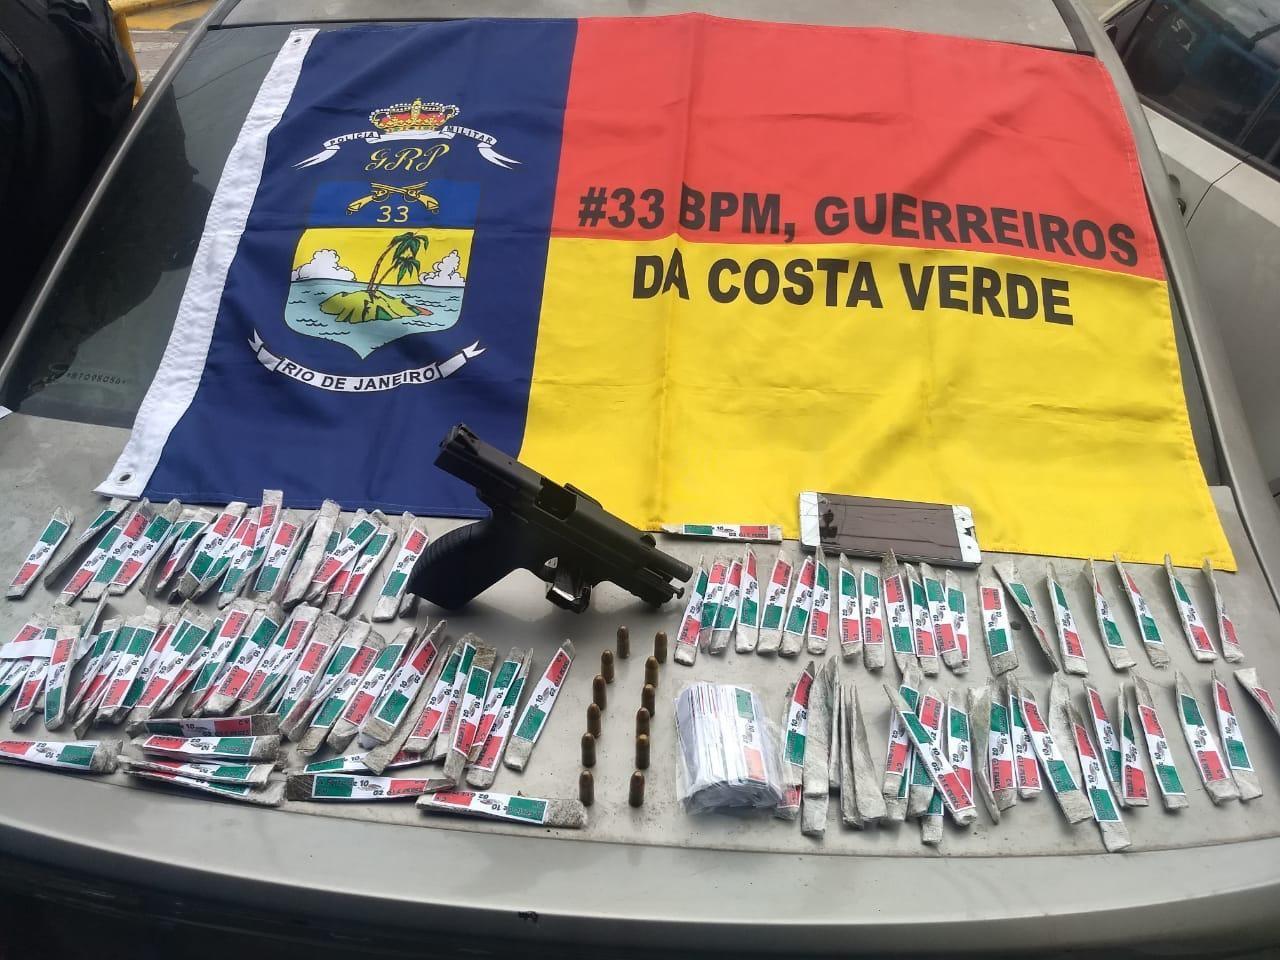 Suspeito fica ferido em ação policial e confessa envolvimento com tráfico no Morro da Glória, em Angra - Notícias - Plantão Diário